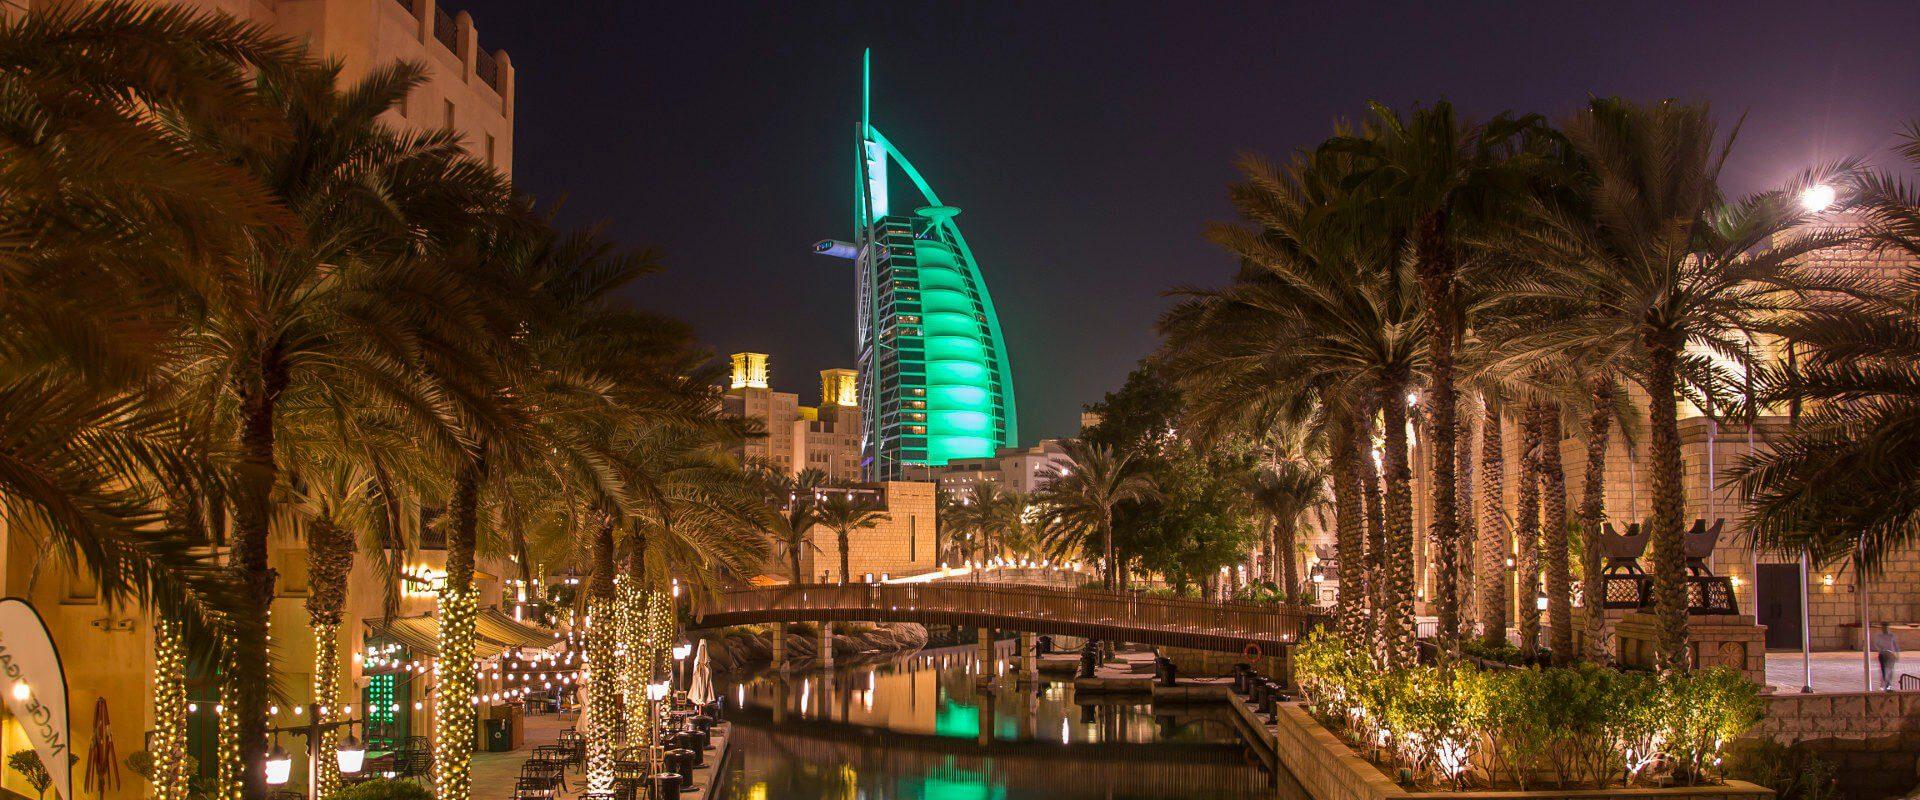 Zwiedzanie Dubaju - co warto zobaczyć w mieście?